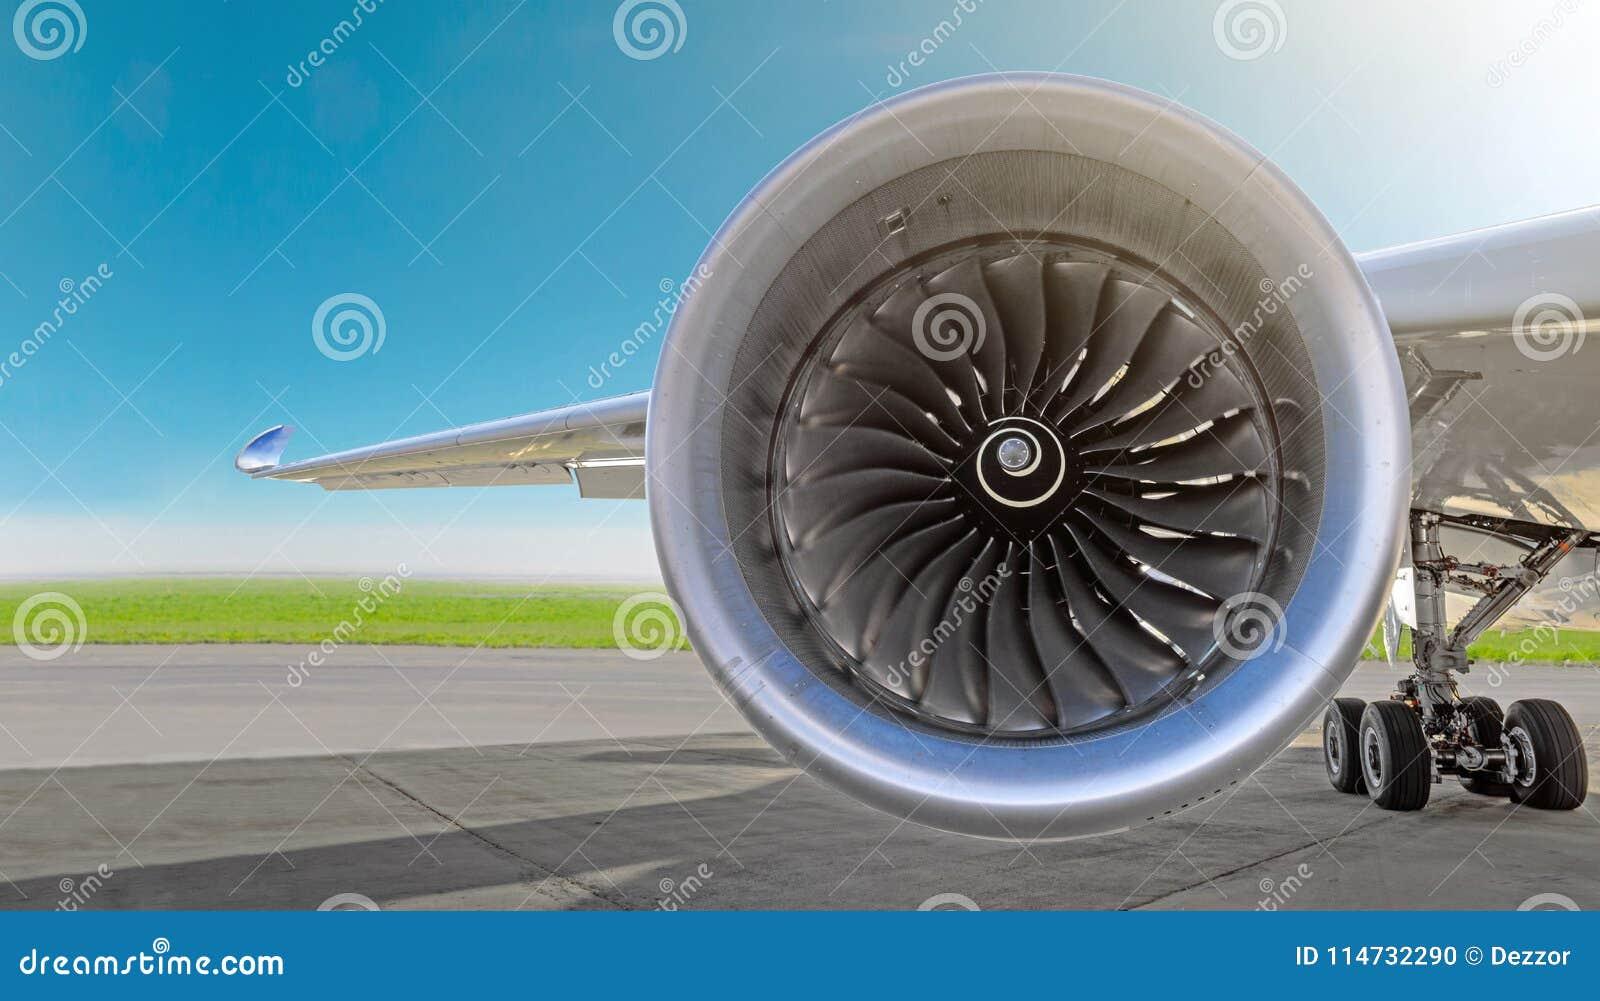 Flugzeugstrahltriebwerknahaufnahme, Flugzeugflügel und Fahrgestelle des Fahrwerkrades parkten am Flughafen auf einem Himmelhinter